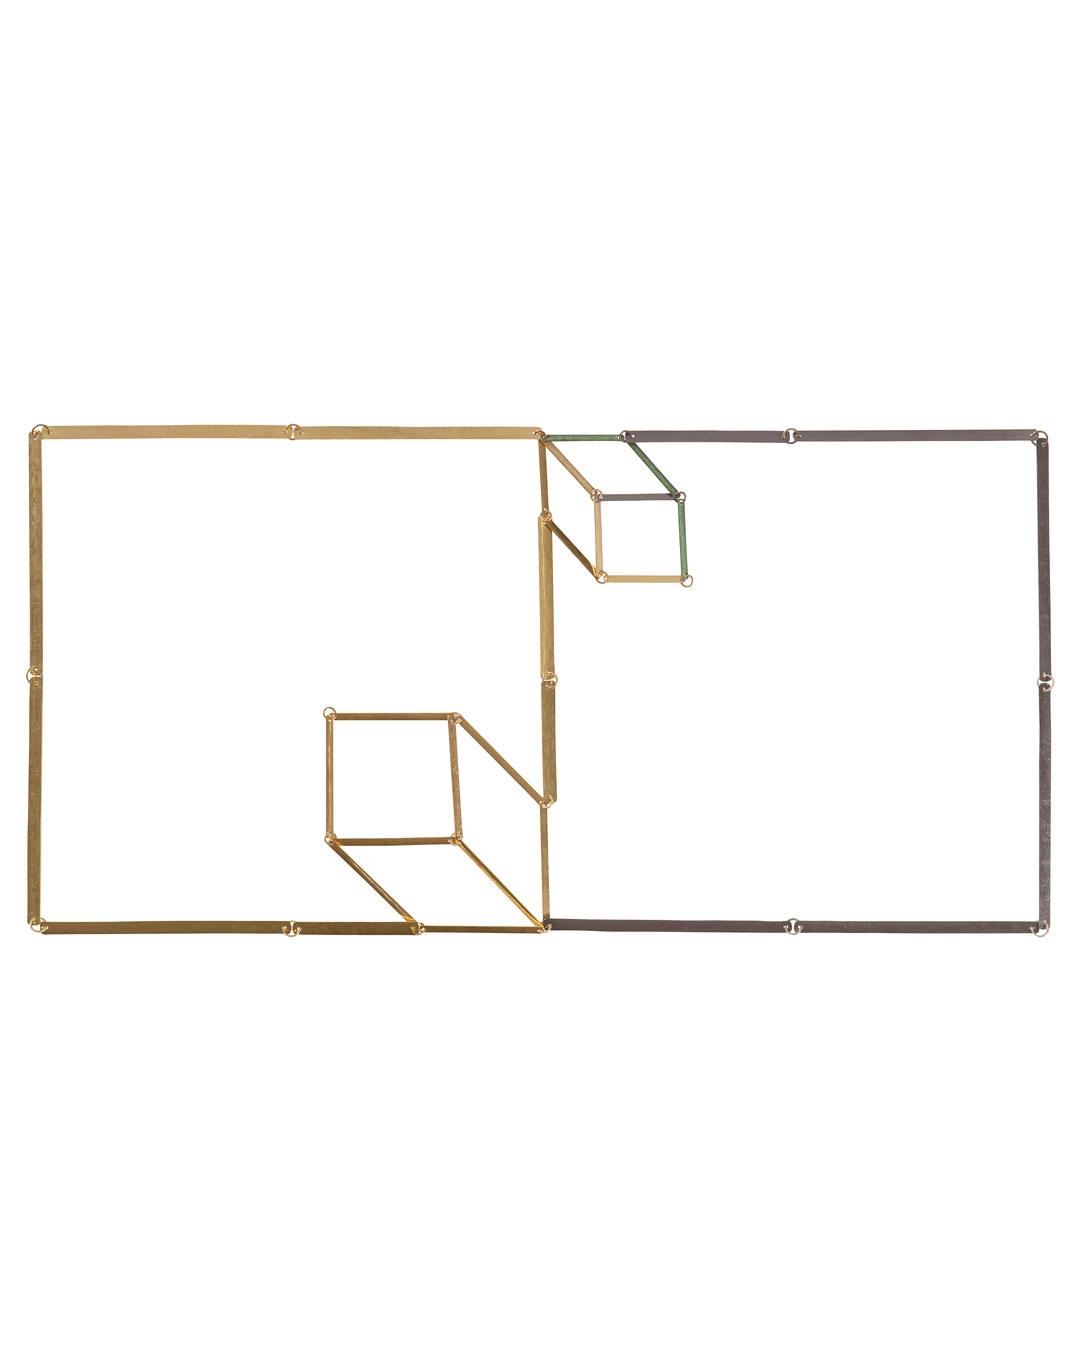 Annelies Planteijdt, Mooie stad – Collier en glaasjes (Mooie Stad - Halssieraad en Glazen), 2017, collier; goud, tantalium, pigment, 180 x 360 mm, €8875 (afbeelding 1/3)